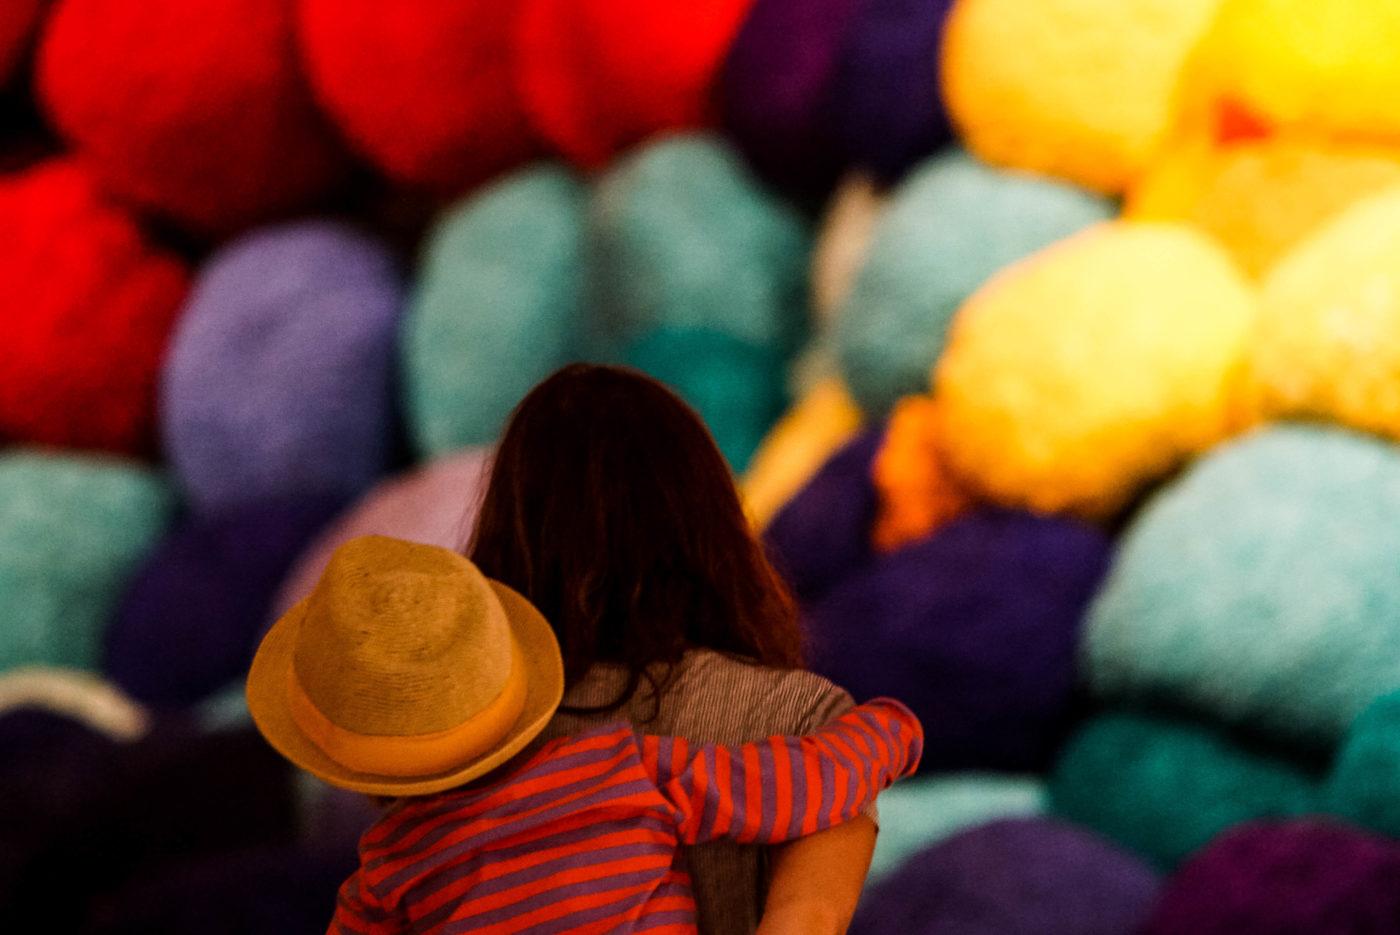 Im Vordergrund ist Lea zu sehen welche Luk auf dem Rücken trägt. Im Hintergrund sind große wollknäulartige Bälle in rot türkies gelb und lila